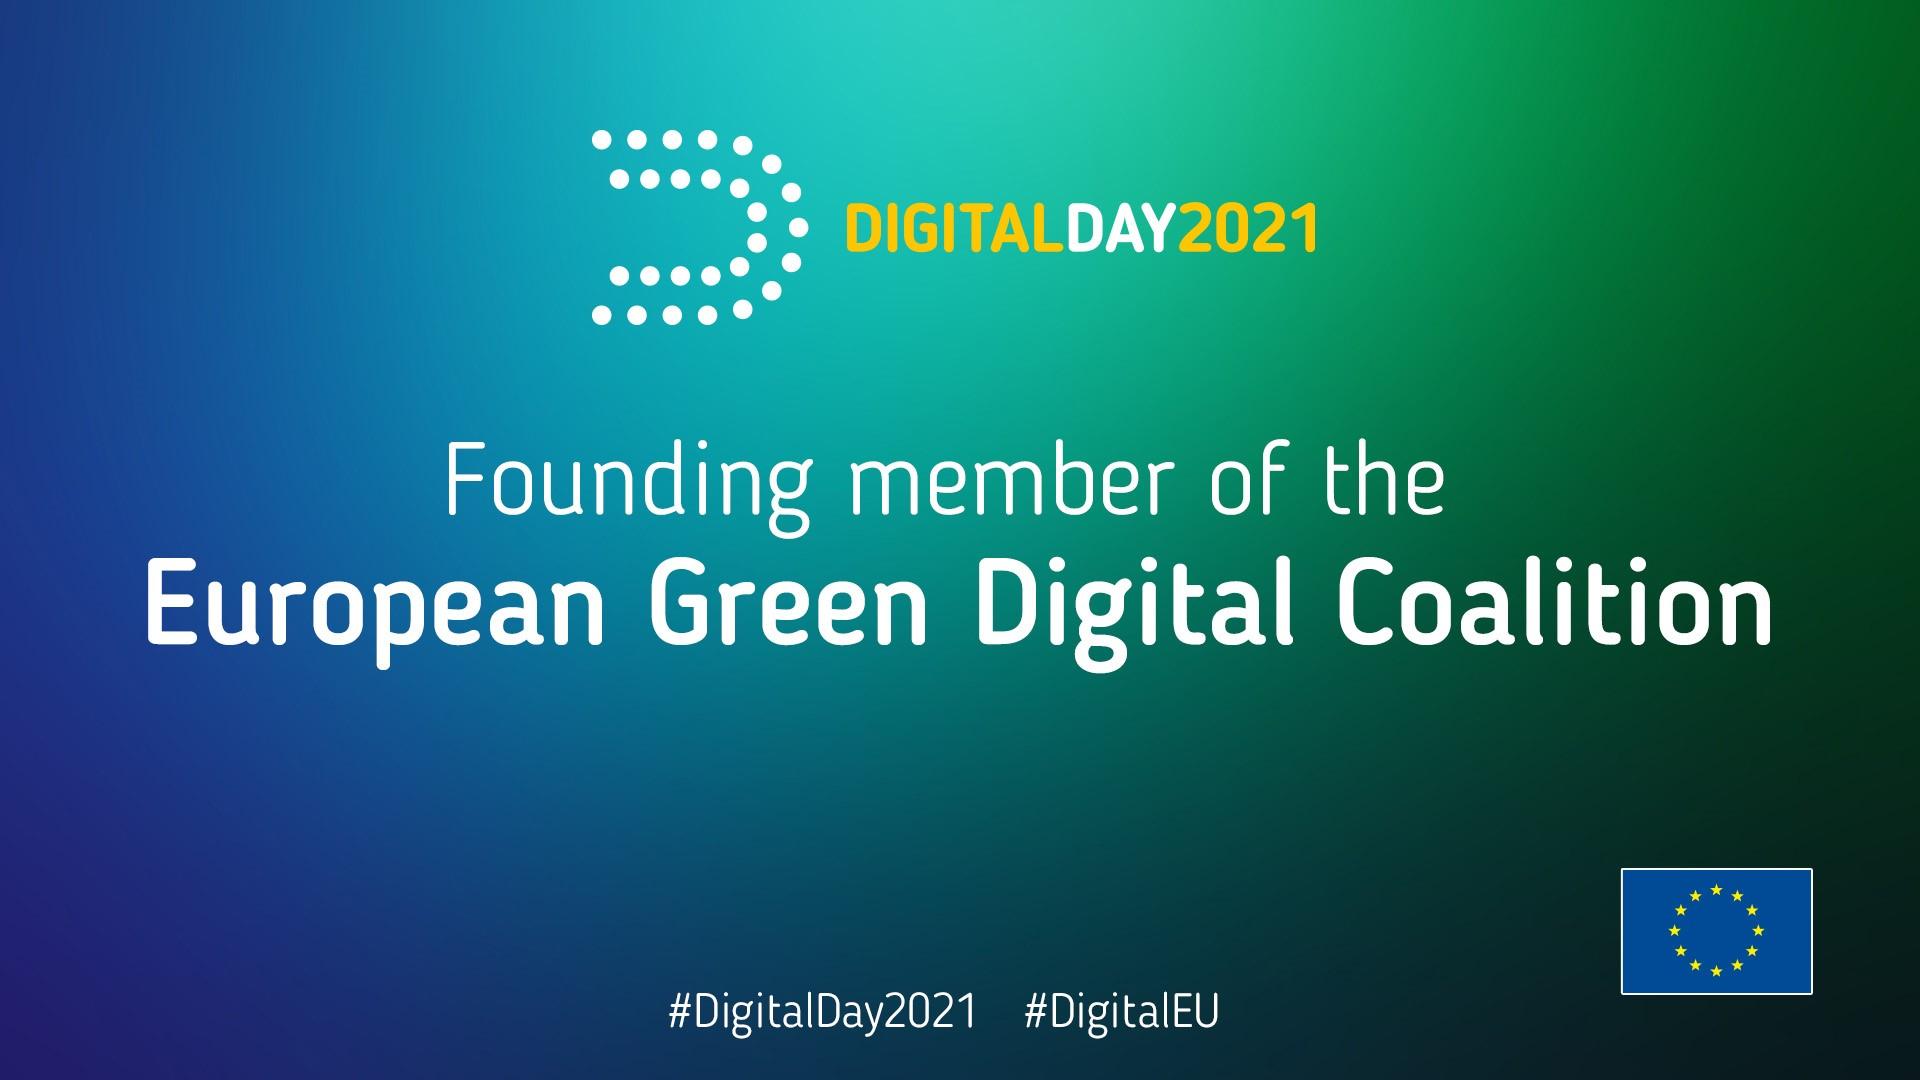 Dassault Systèmes aderisce alla European Green Digital Coalition come membro fondatore